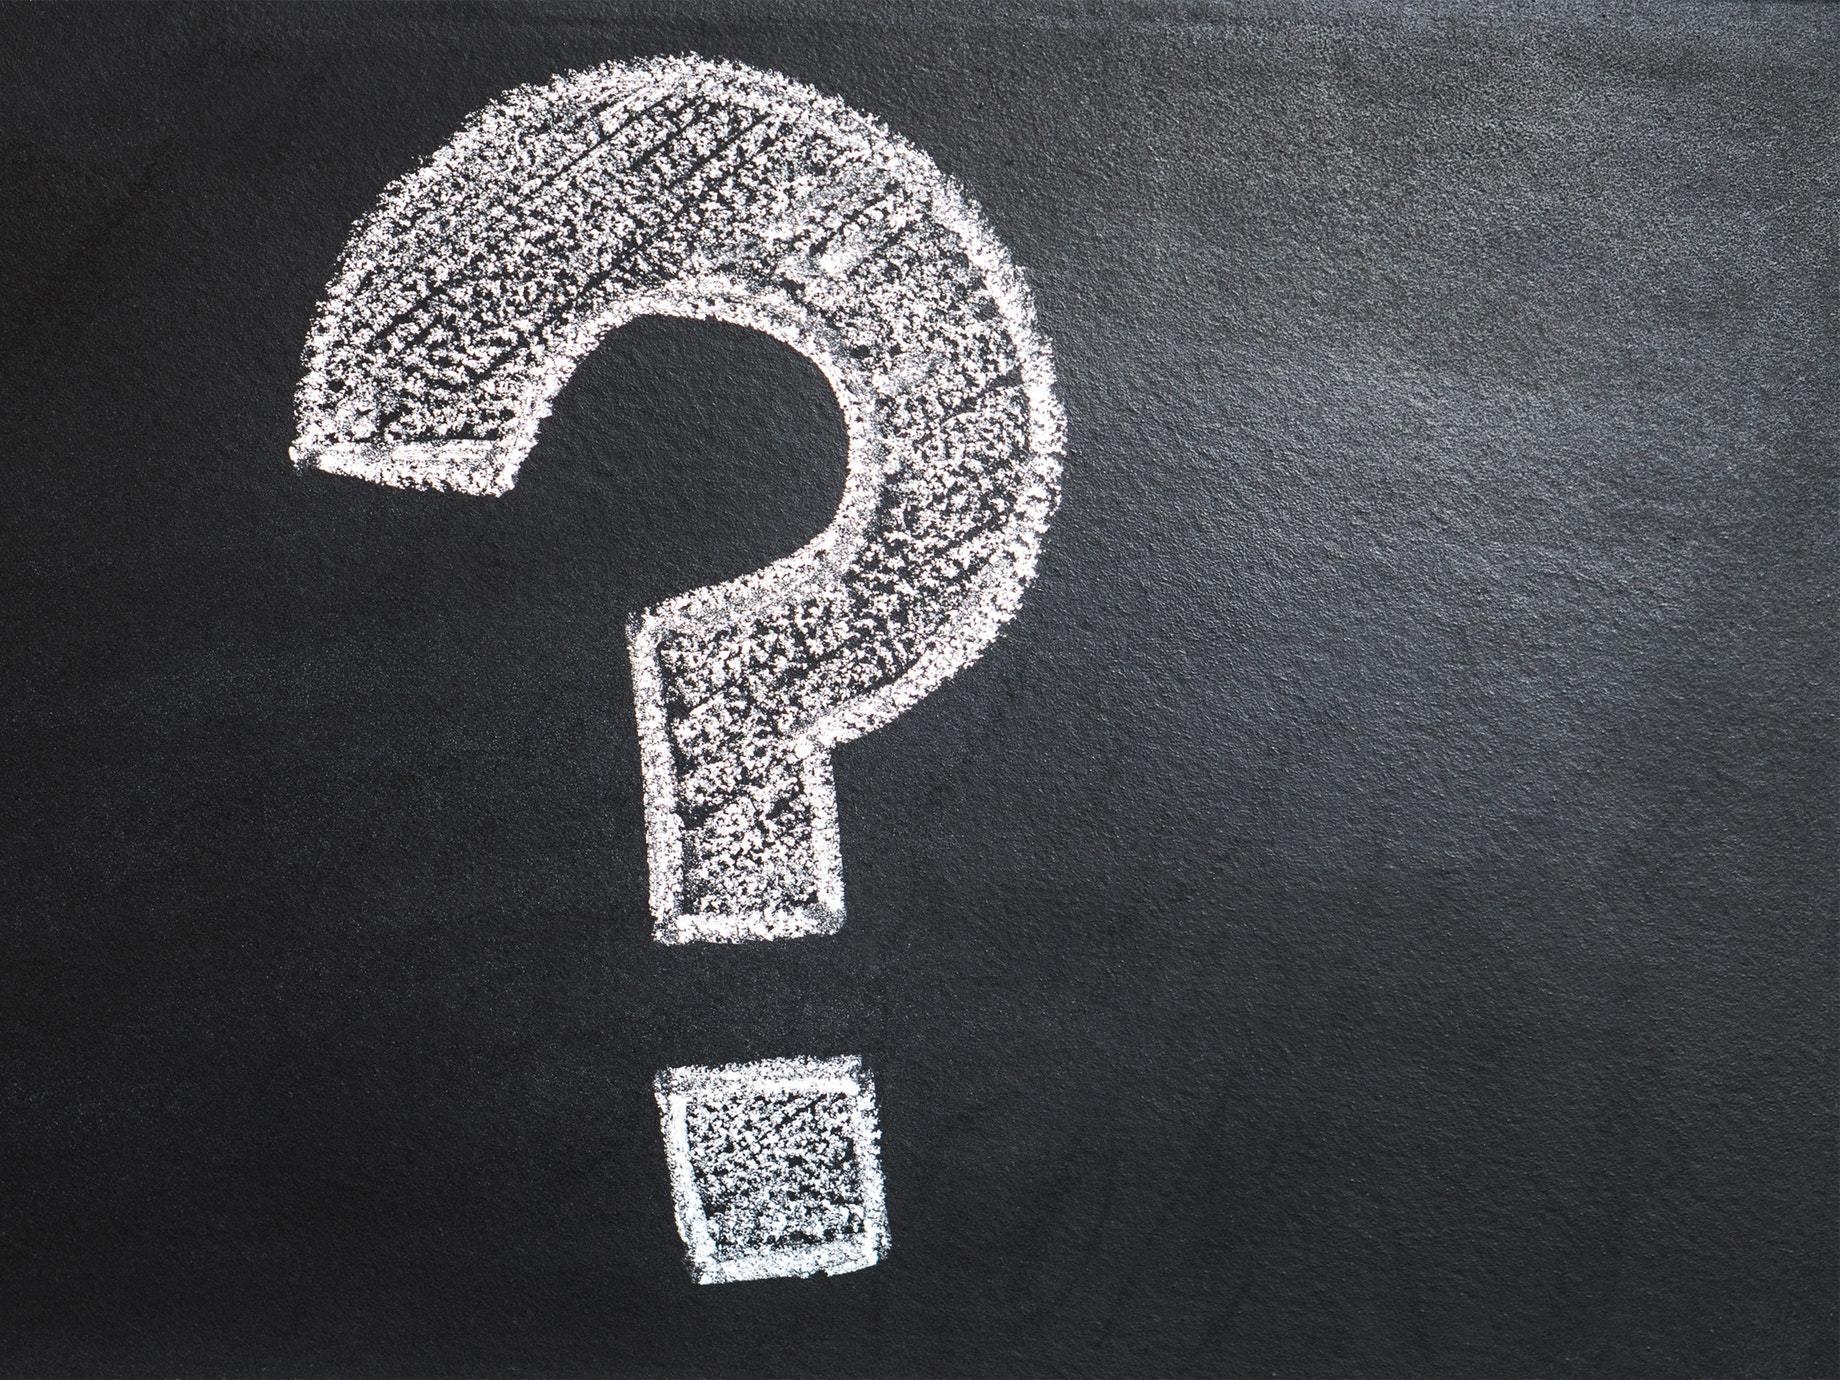 你還在相信關於工作的9大謊言?破解「誤以為的真相」帶領公司高效實踐、達成目標